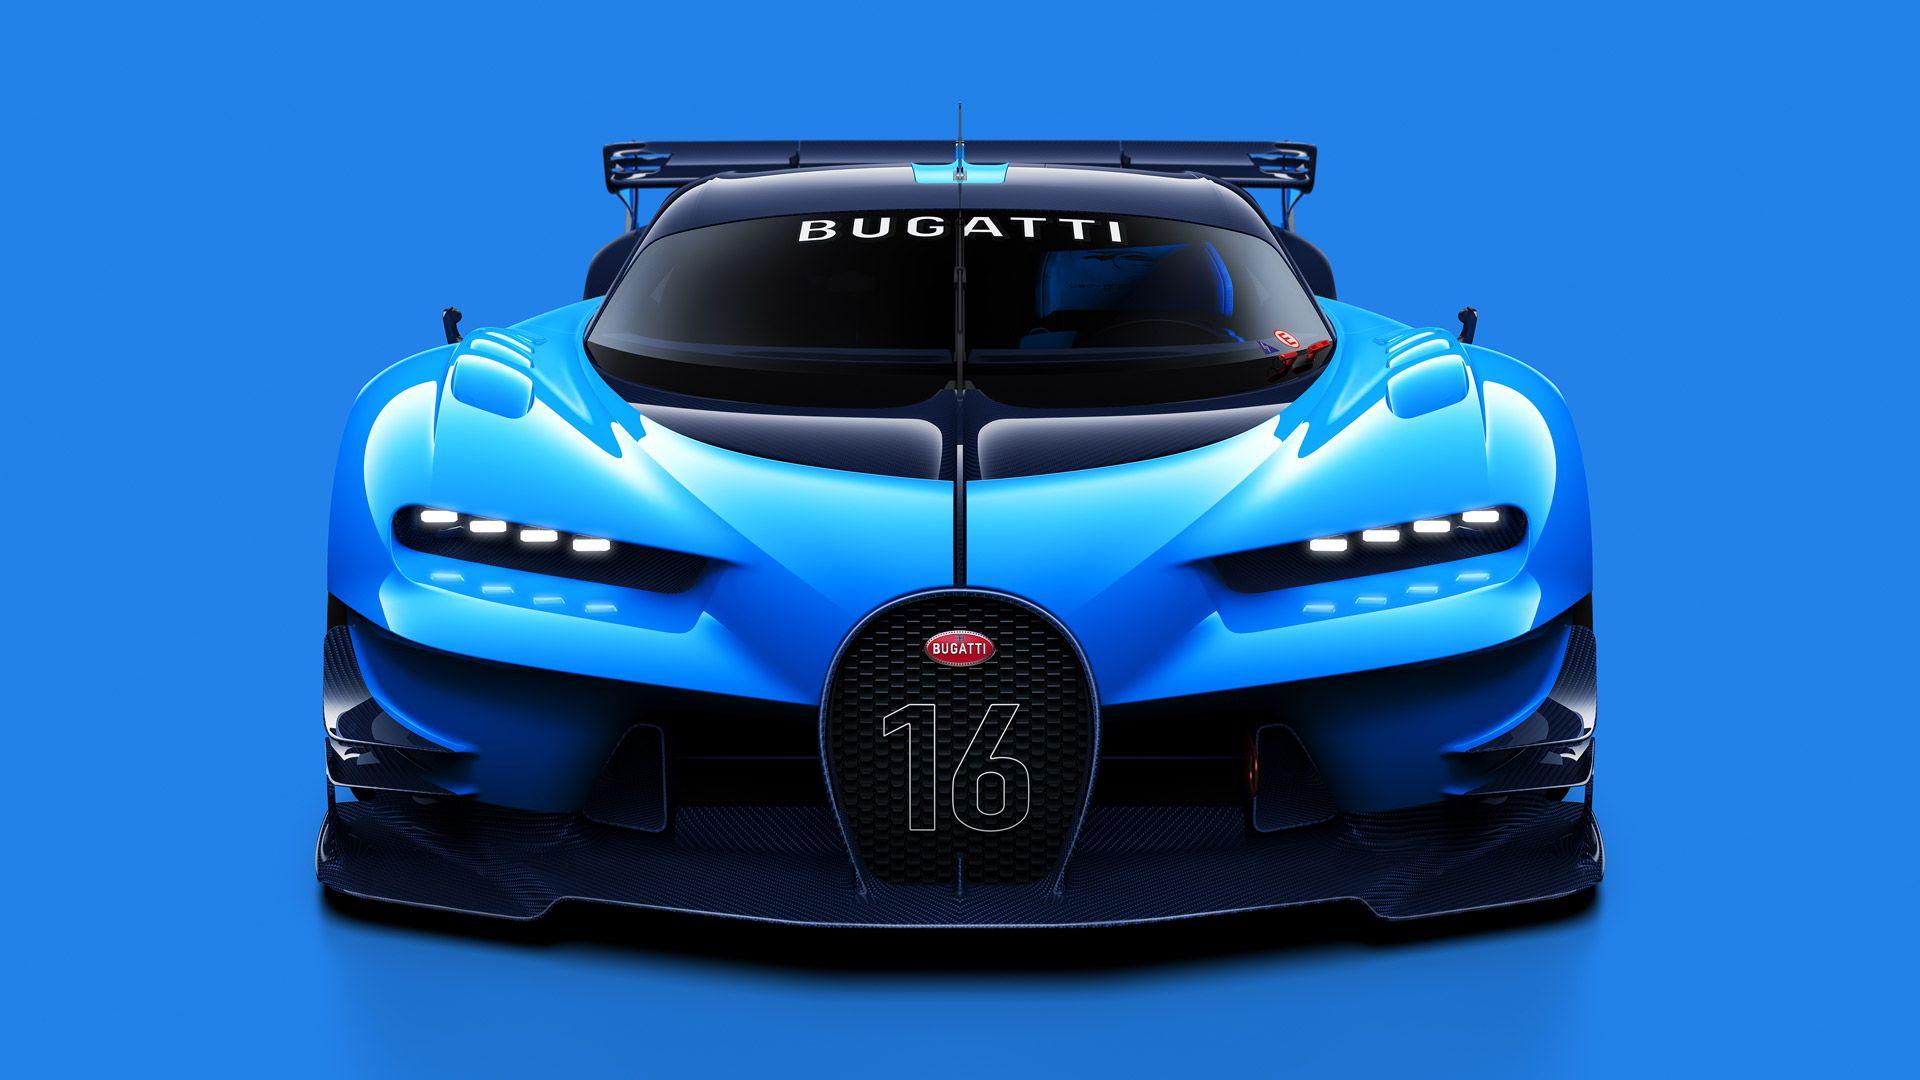 Bugatti Previews Veyron Successor With Vision Gt Concept Gran Turismo Bugatti Veyron Bugatti